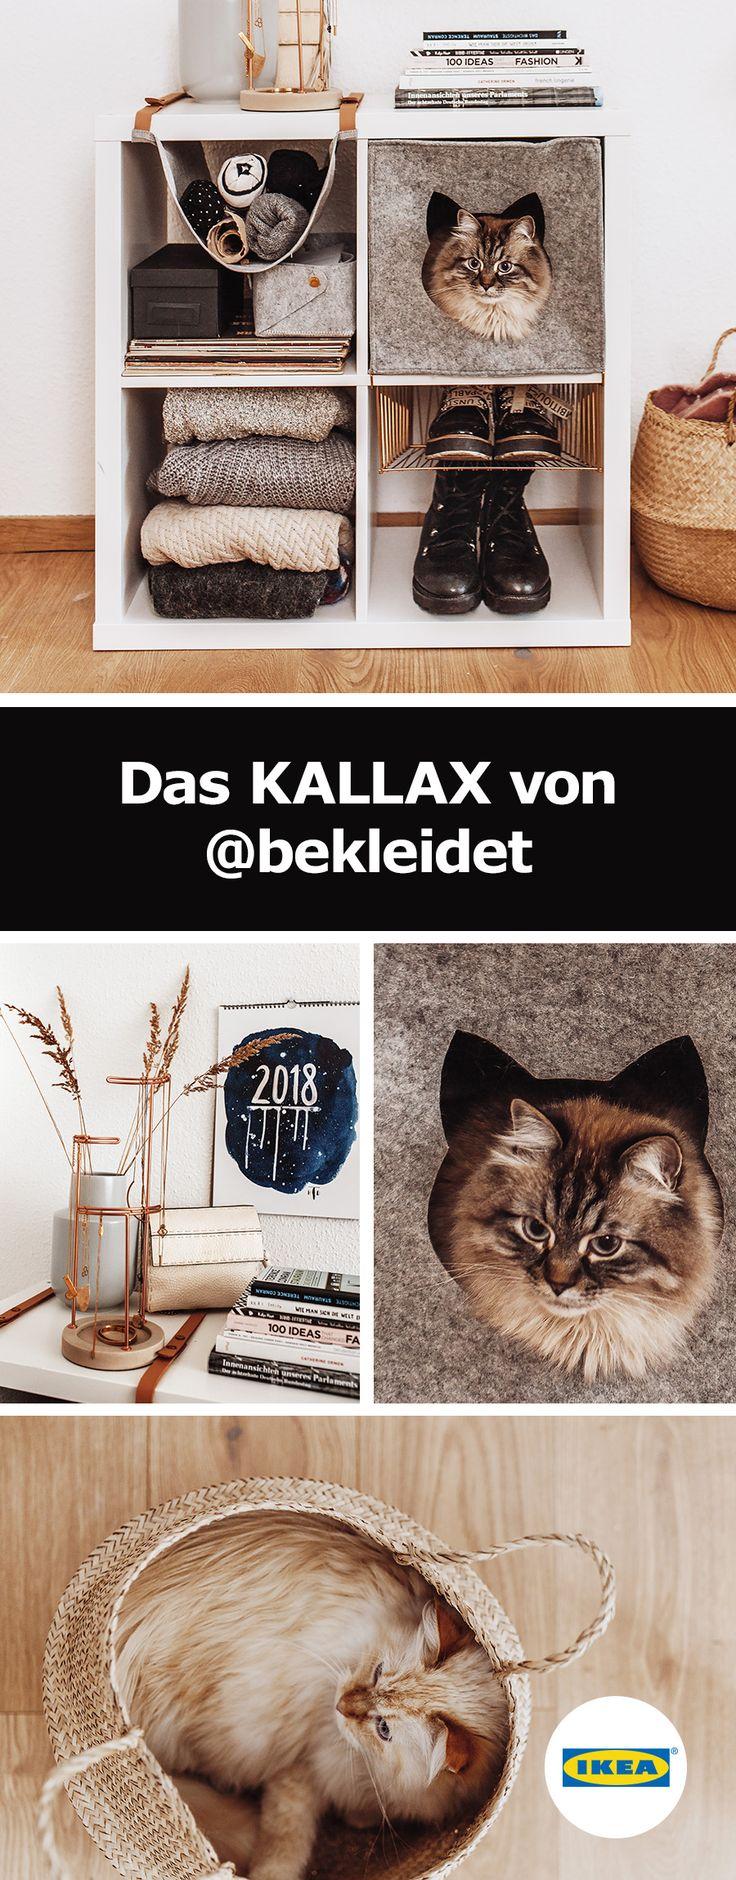 Das KALLAX von @bekleidet